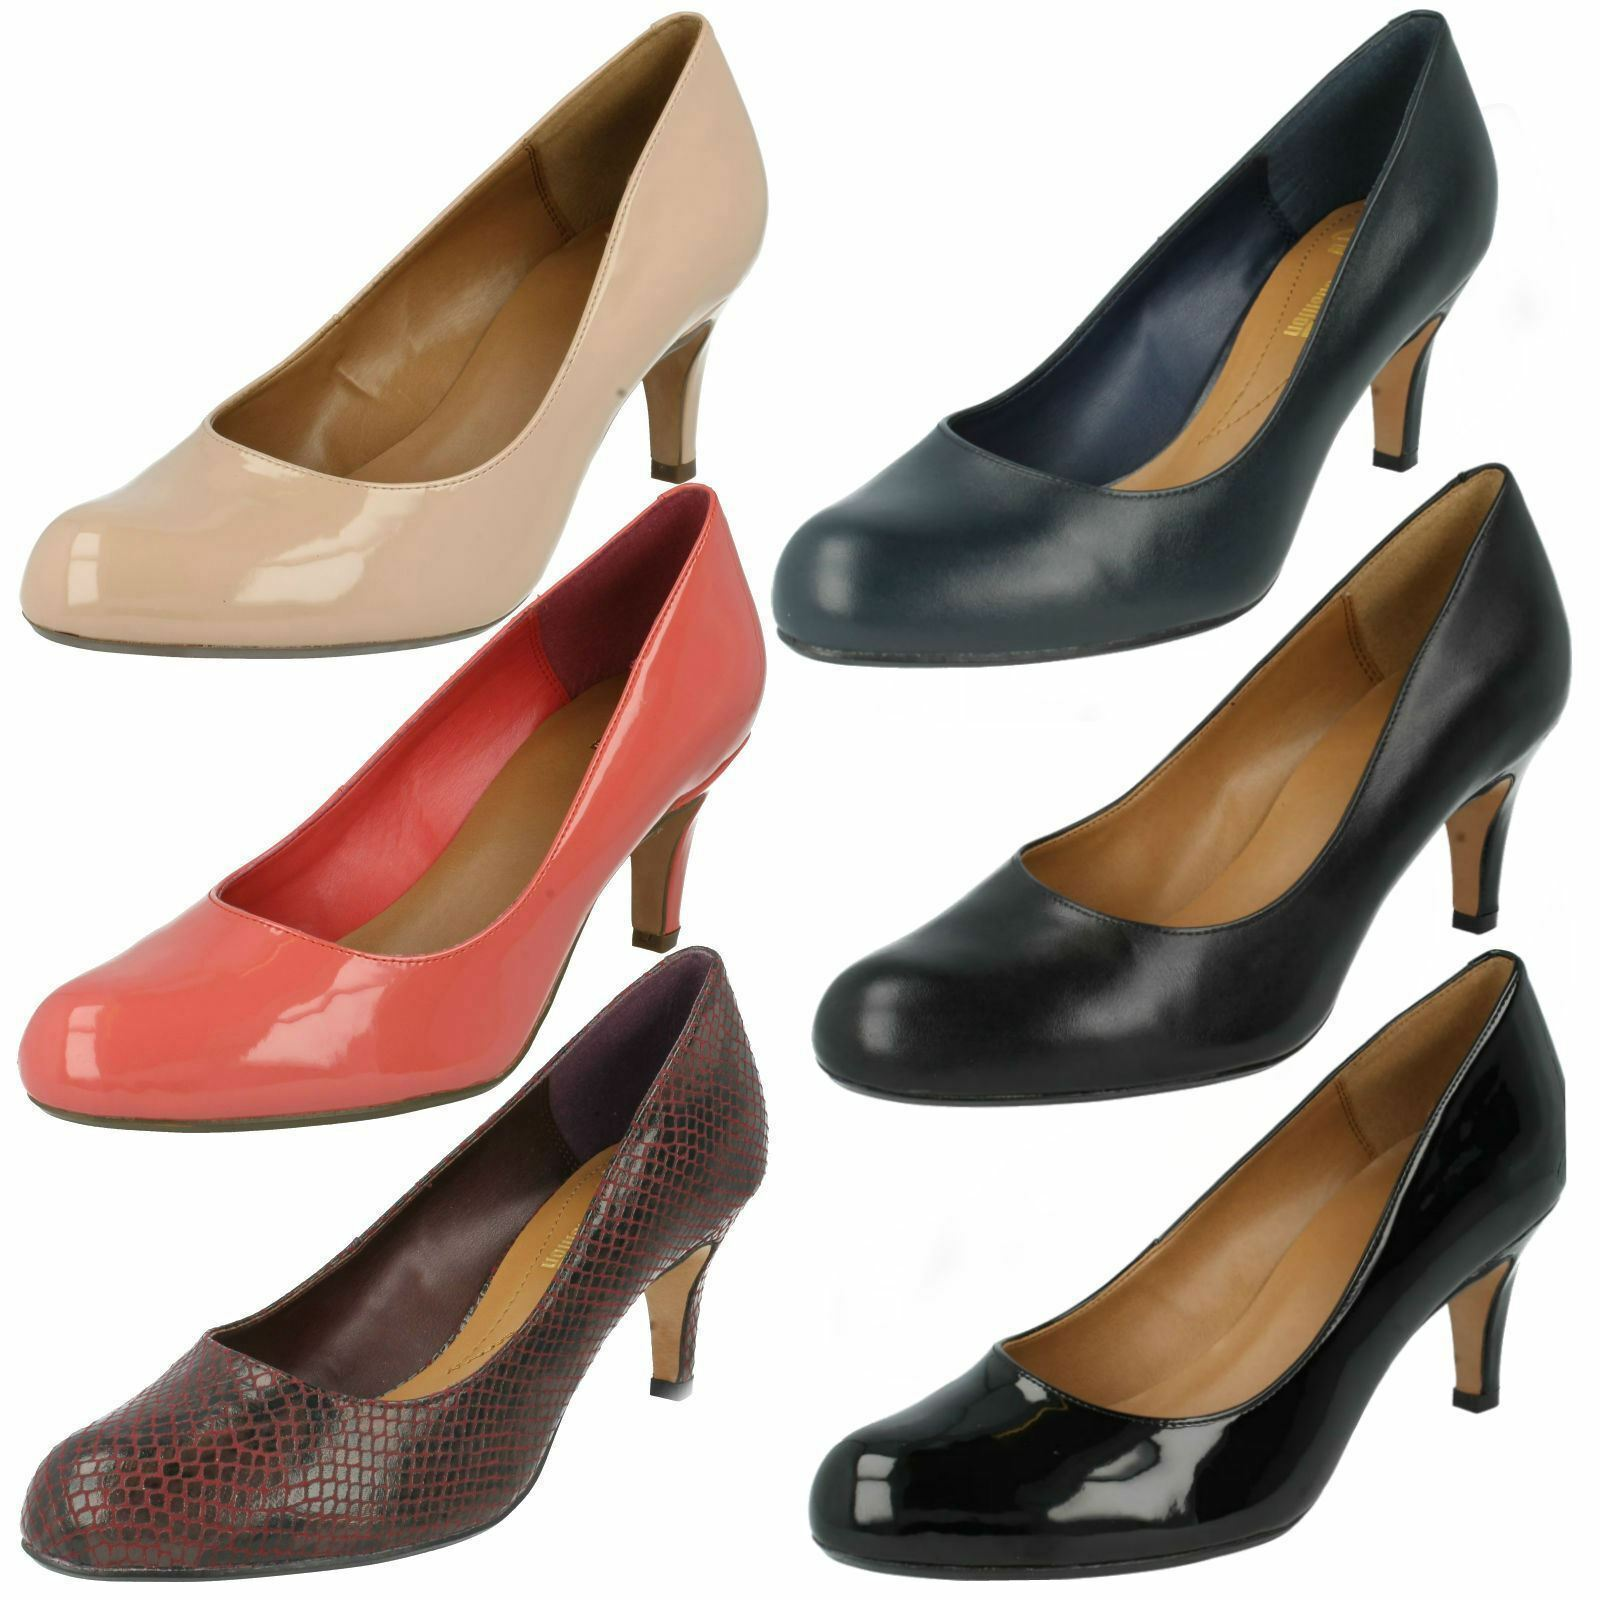 Clarks Clarks Clarks Noir / Nude coussin souple à talon chaussures formelles arista abe eaa8ab